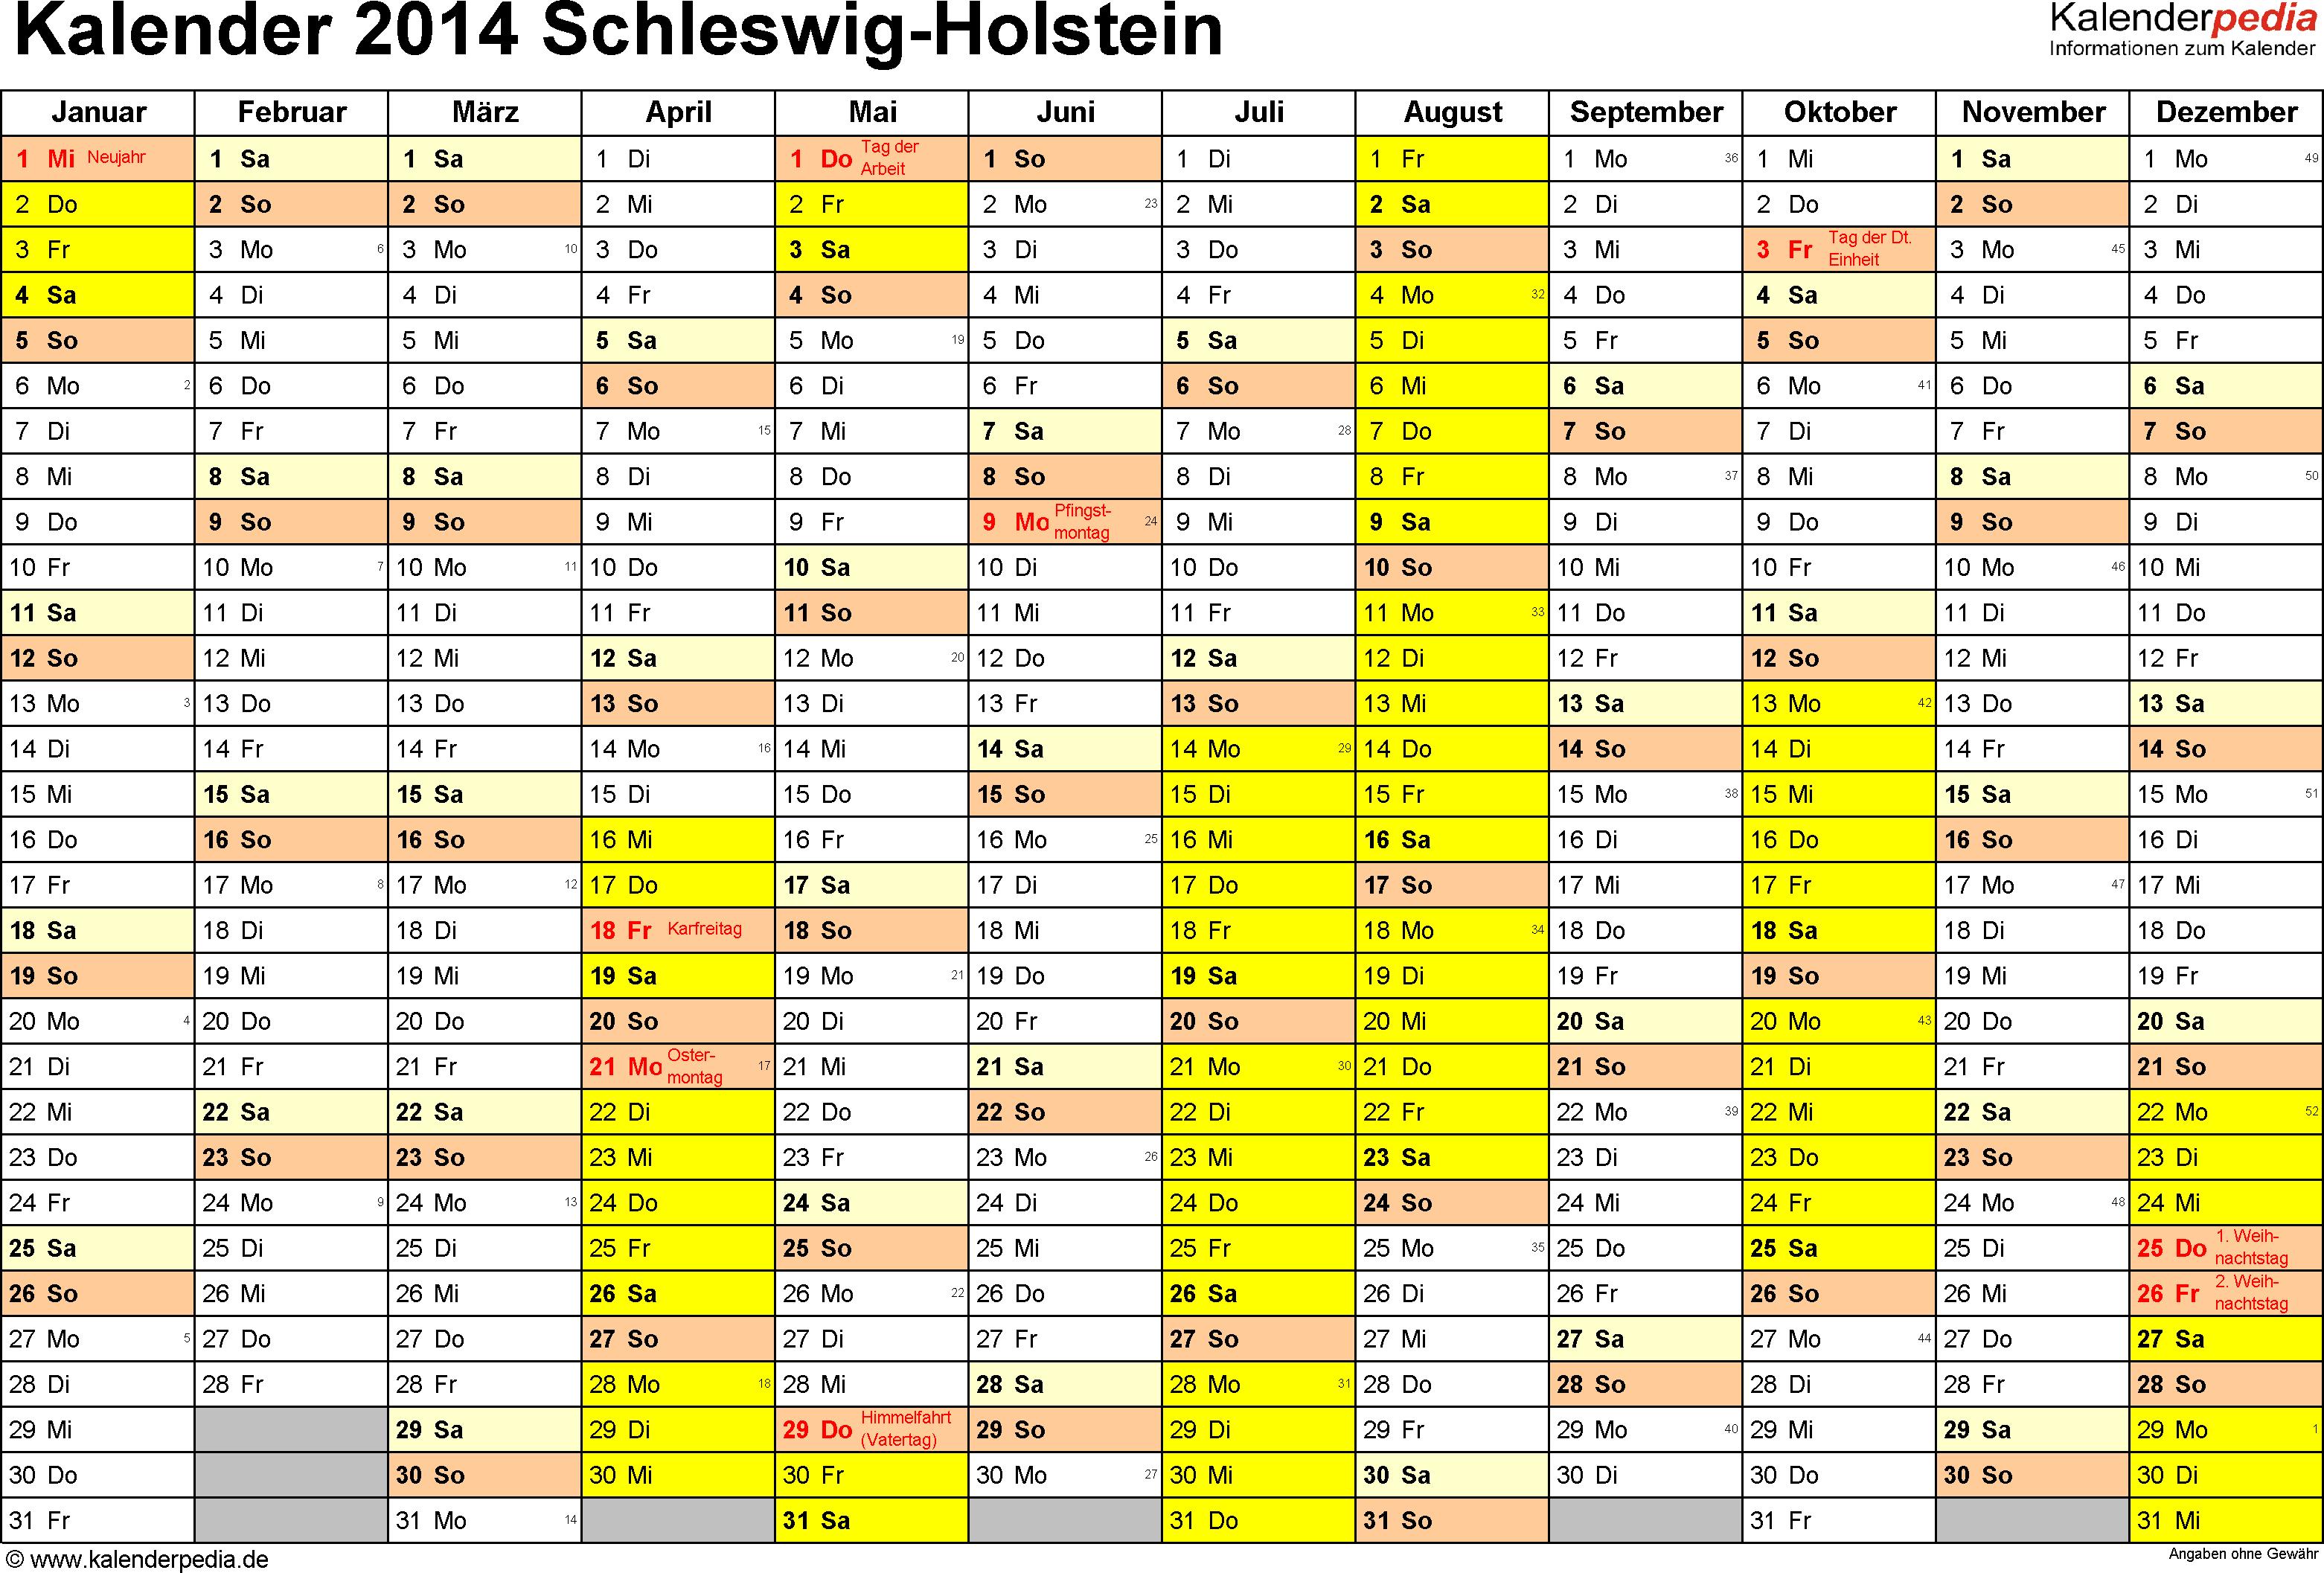 Vorlage 1: Kalender 2014 für Schleswig-Holstein als Excel-Vorlage (Querformat, 1 Seite)